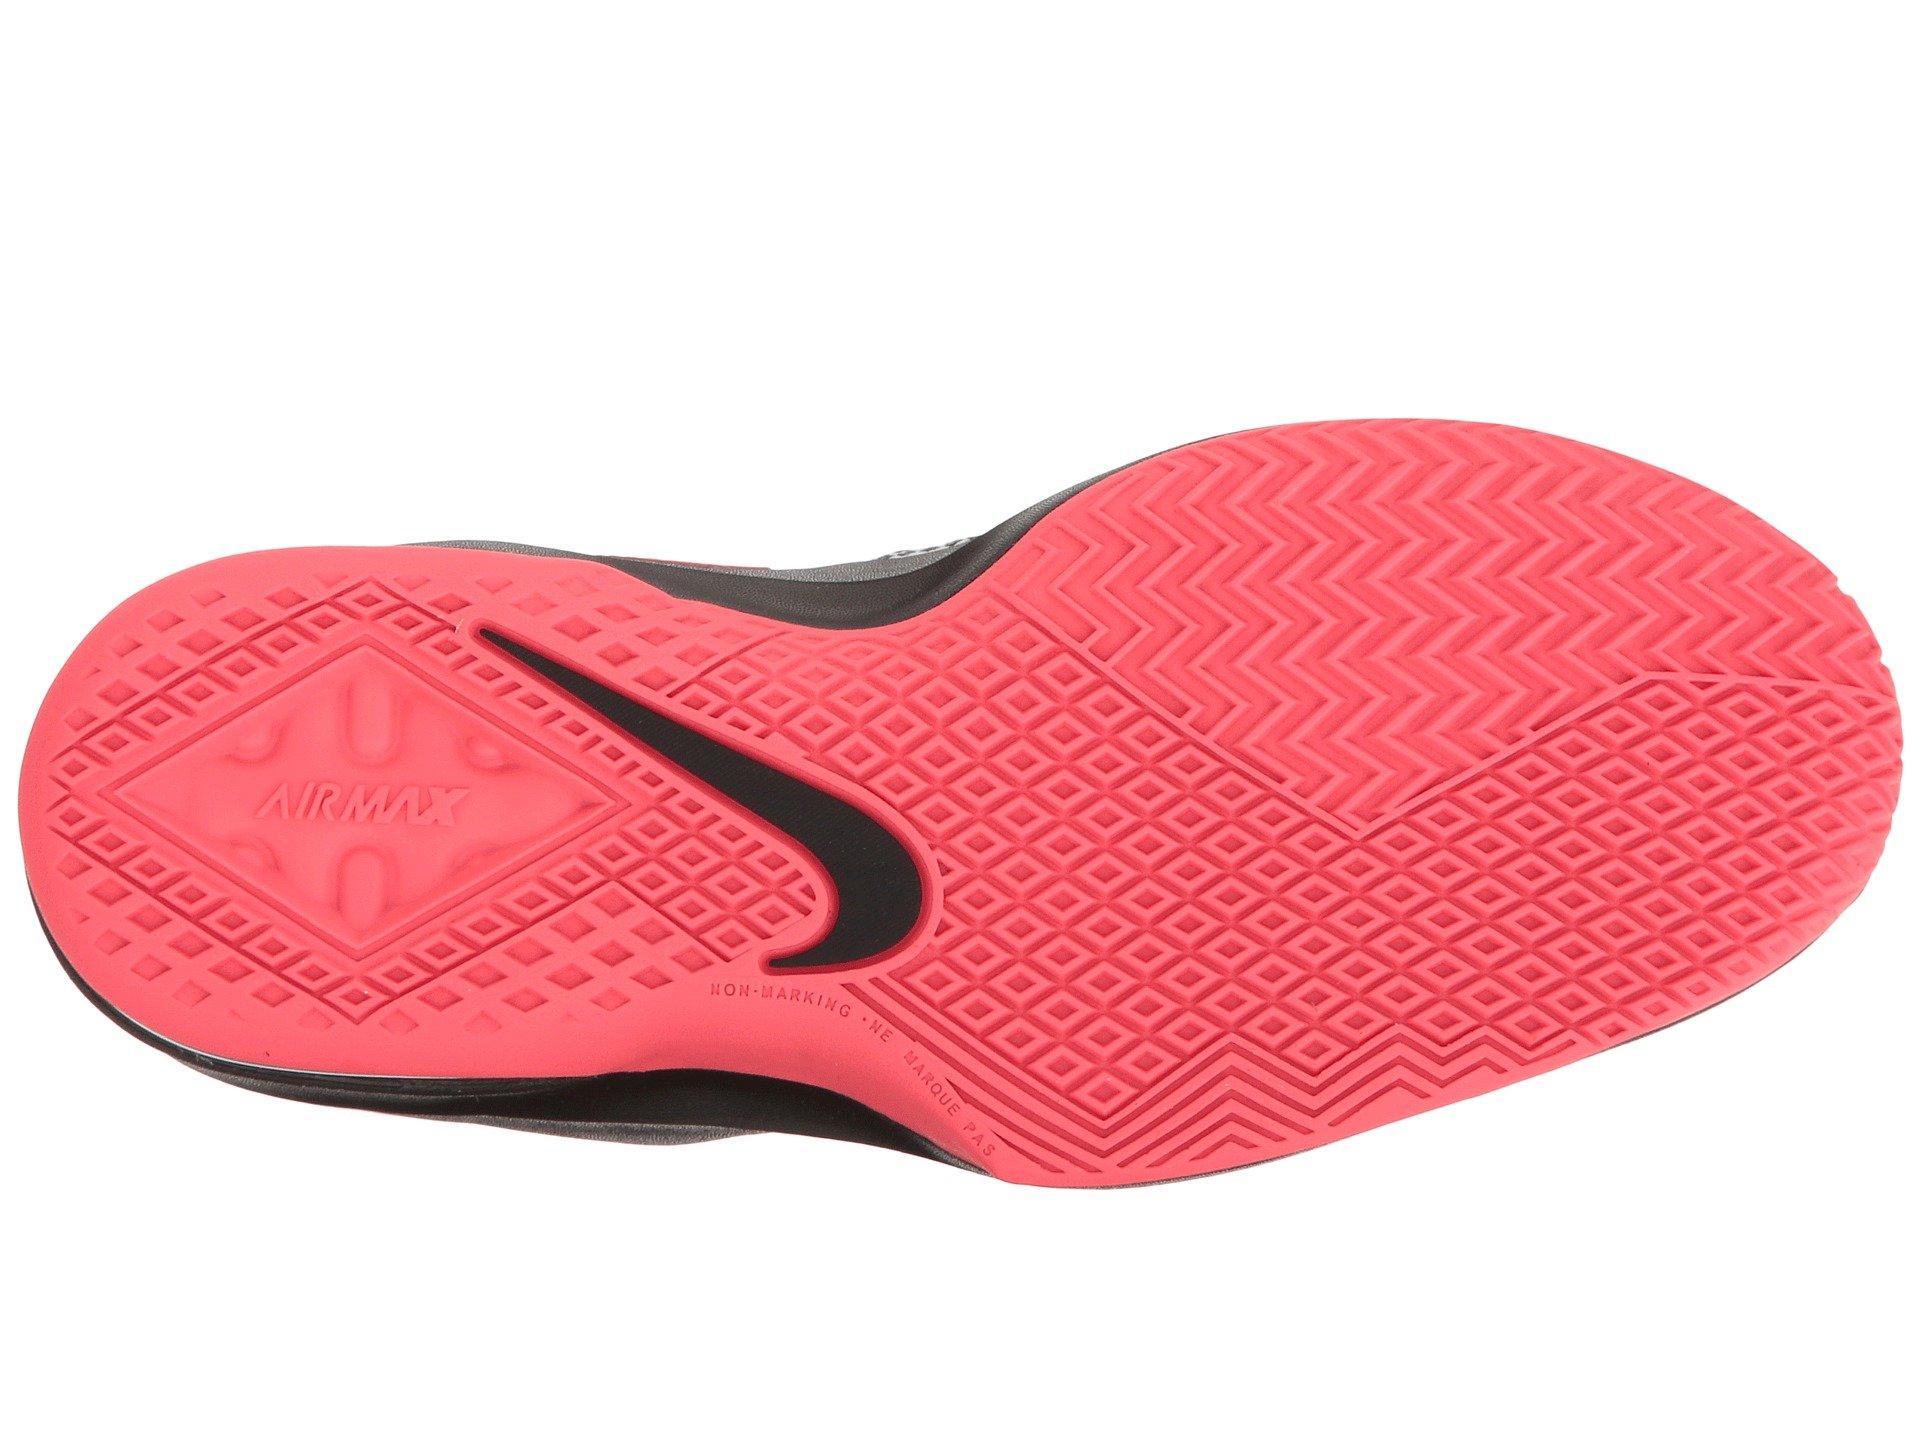 Ike Air Max Infuriate Boys Running Shoes Big Kids